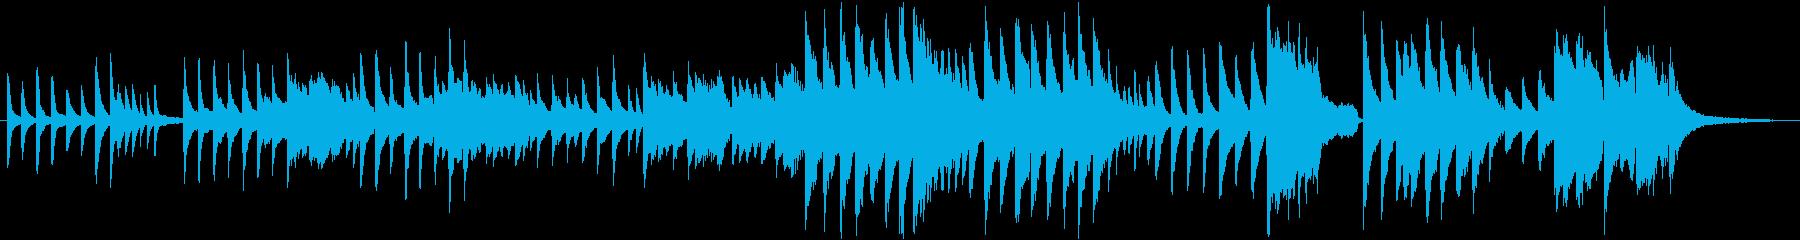 讃美歌、頌栄539番のソロピアノの再生済みの波形